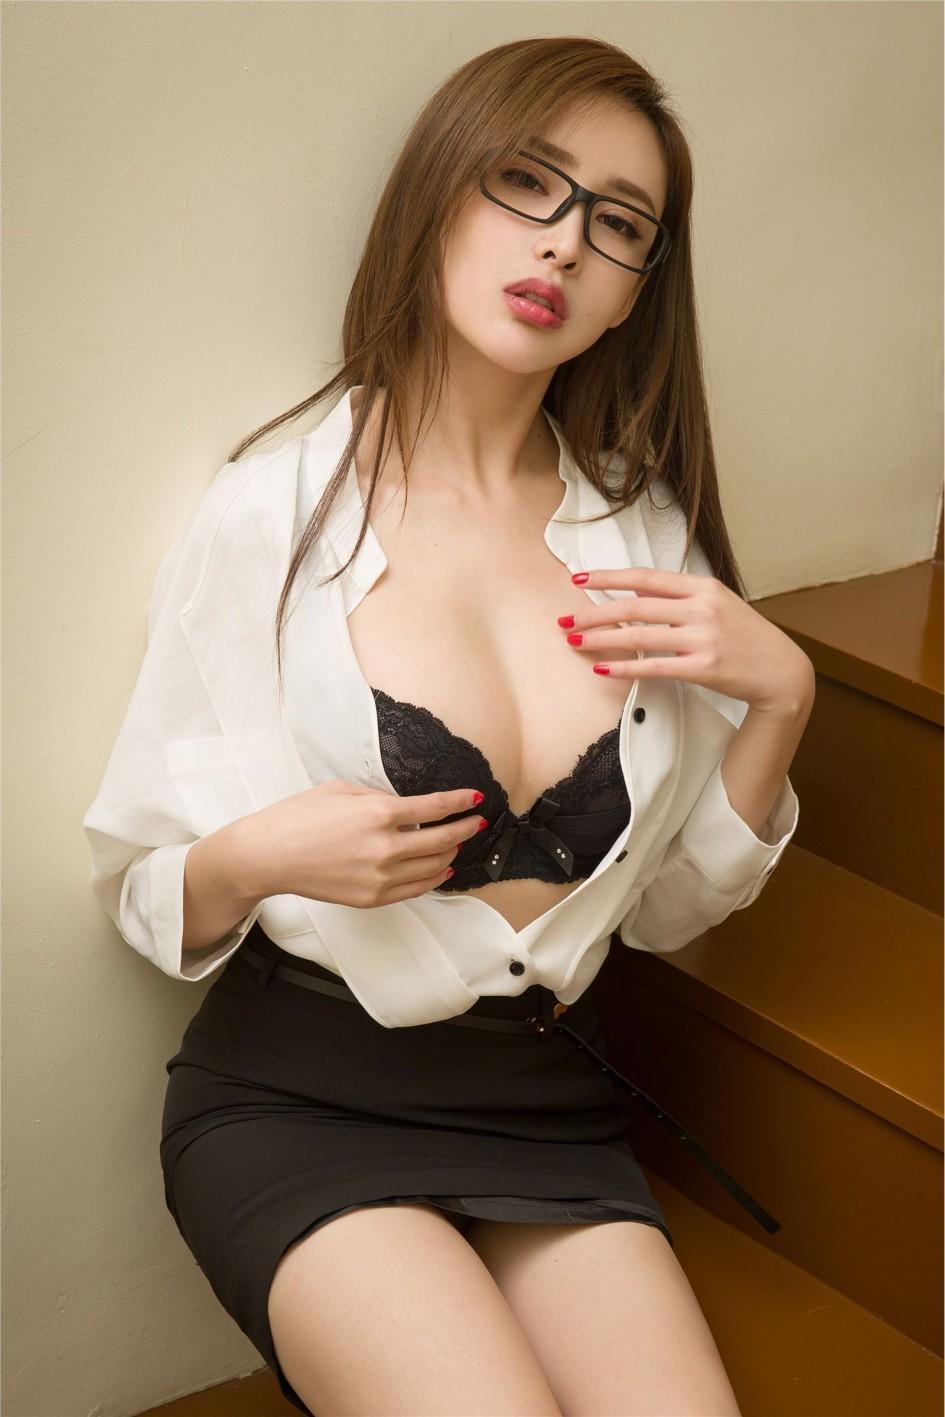 大奶女艺术_尤果网性感女秘书爆乳大奶妩媚诱惑人体艺术